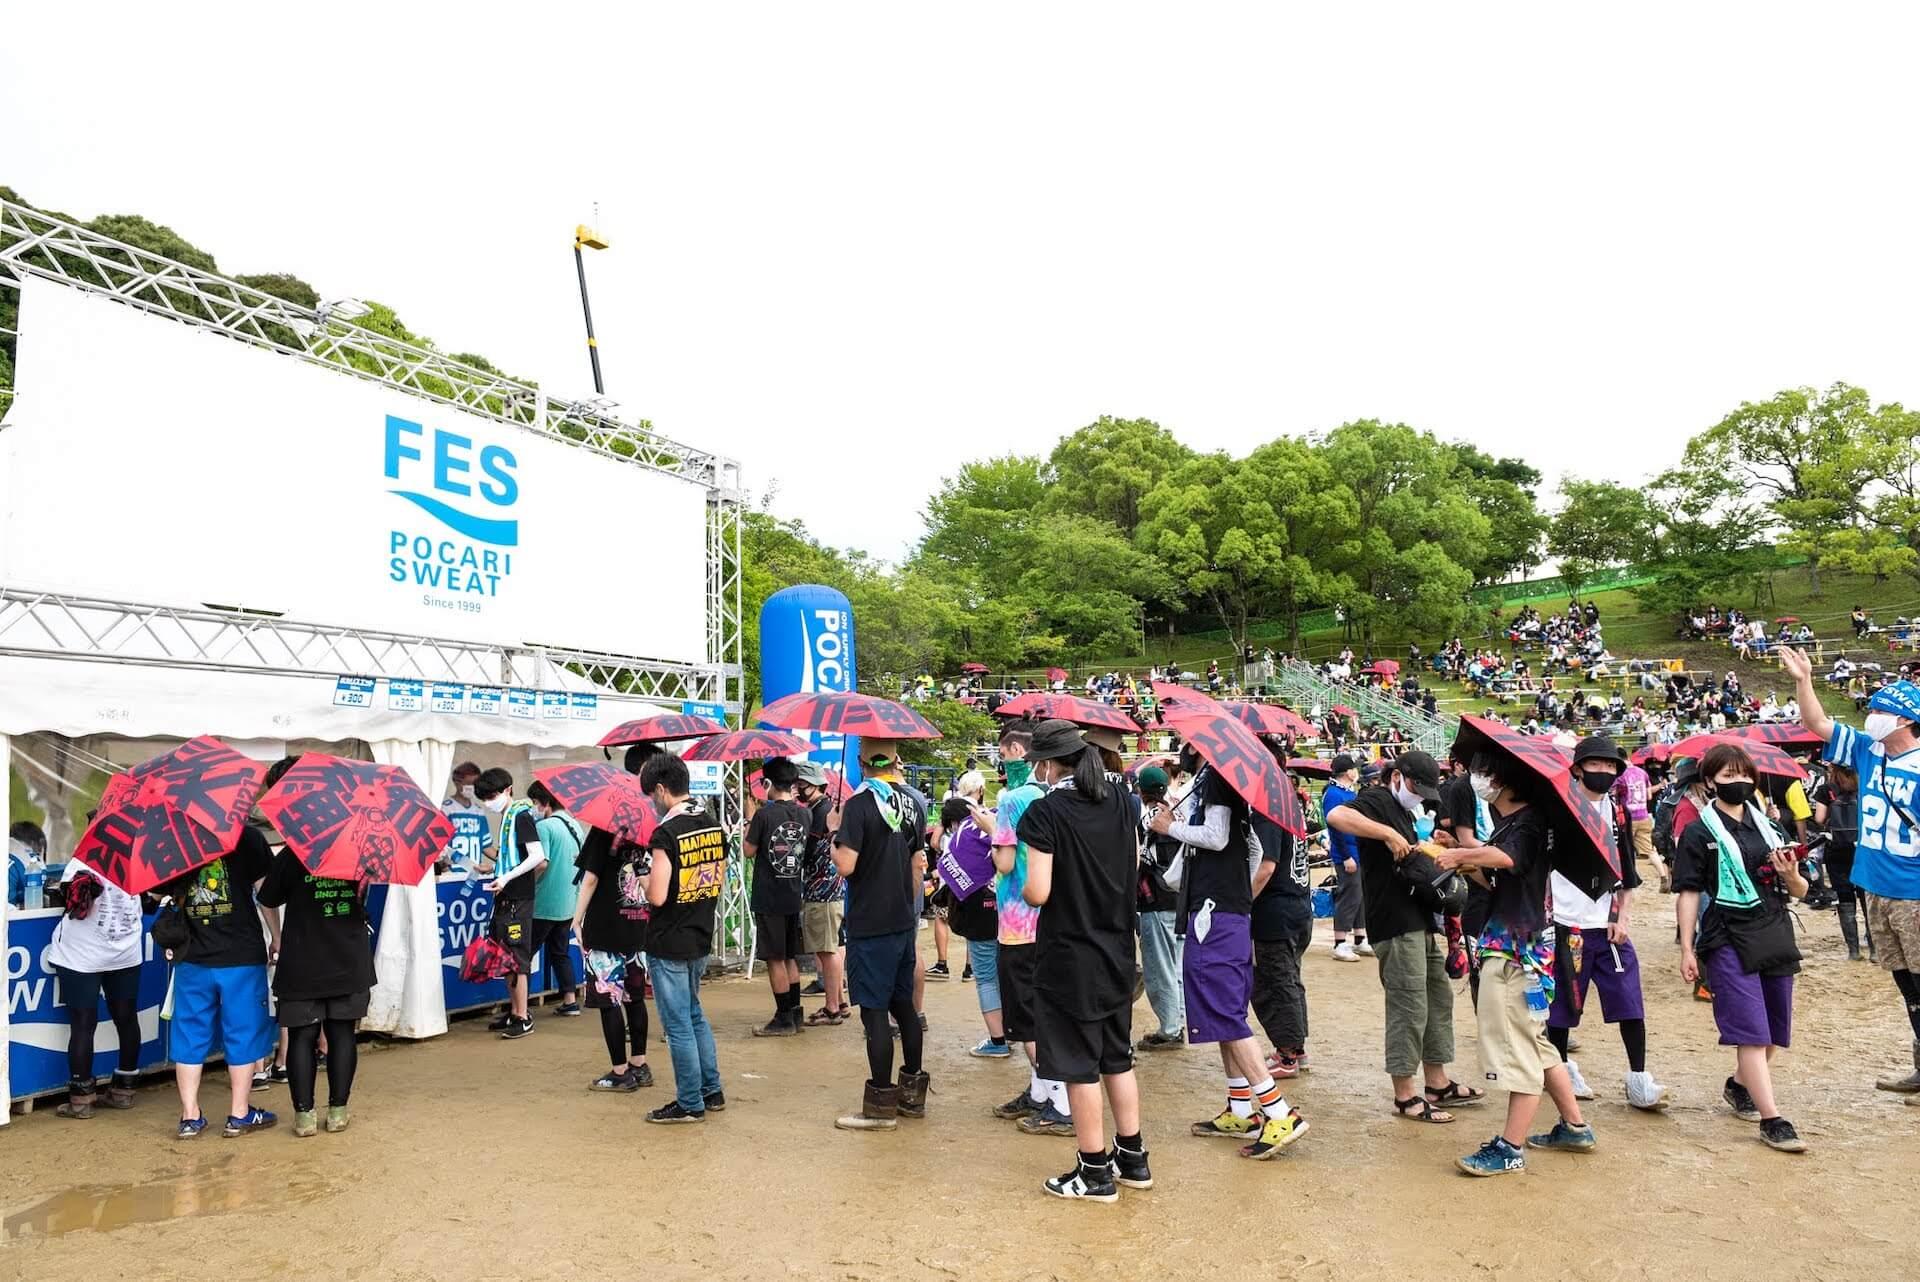 日本最大のフェス情報サイト『Festival Life』とPOCARI SWEATがコラボ企画をスタート!京都大作戦の現地レポートも music210805_pocari-sweat-01